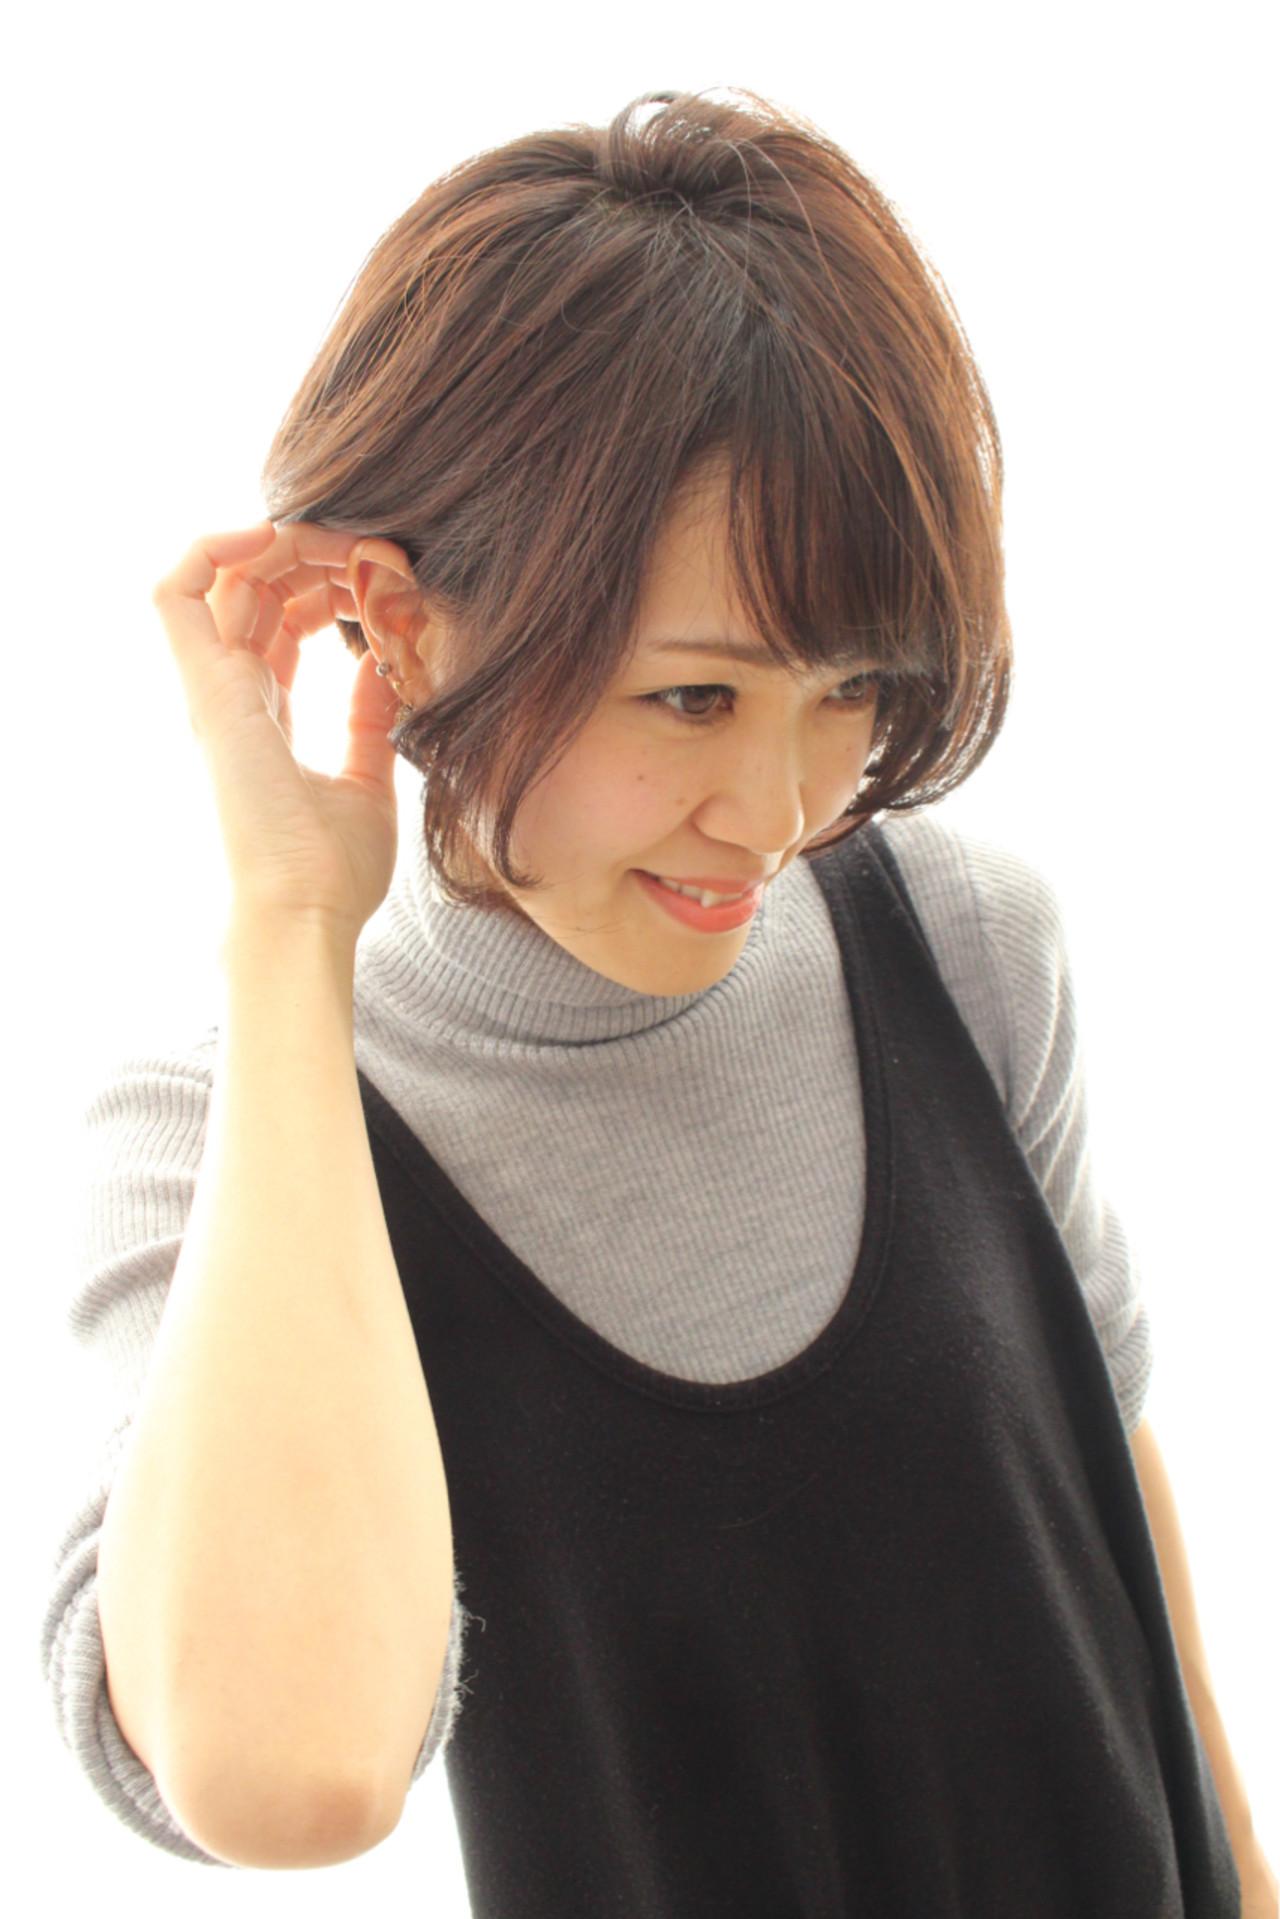 似合わせ モテ髪 ボブ ナチュラル ヘアスタイルや髪型の写真・画像 | sammy / BLOQ.